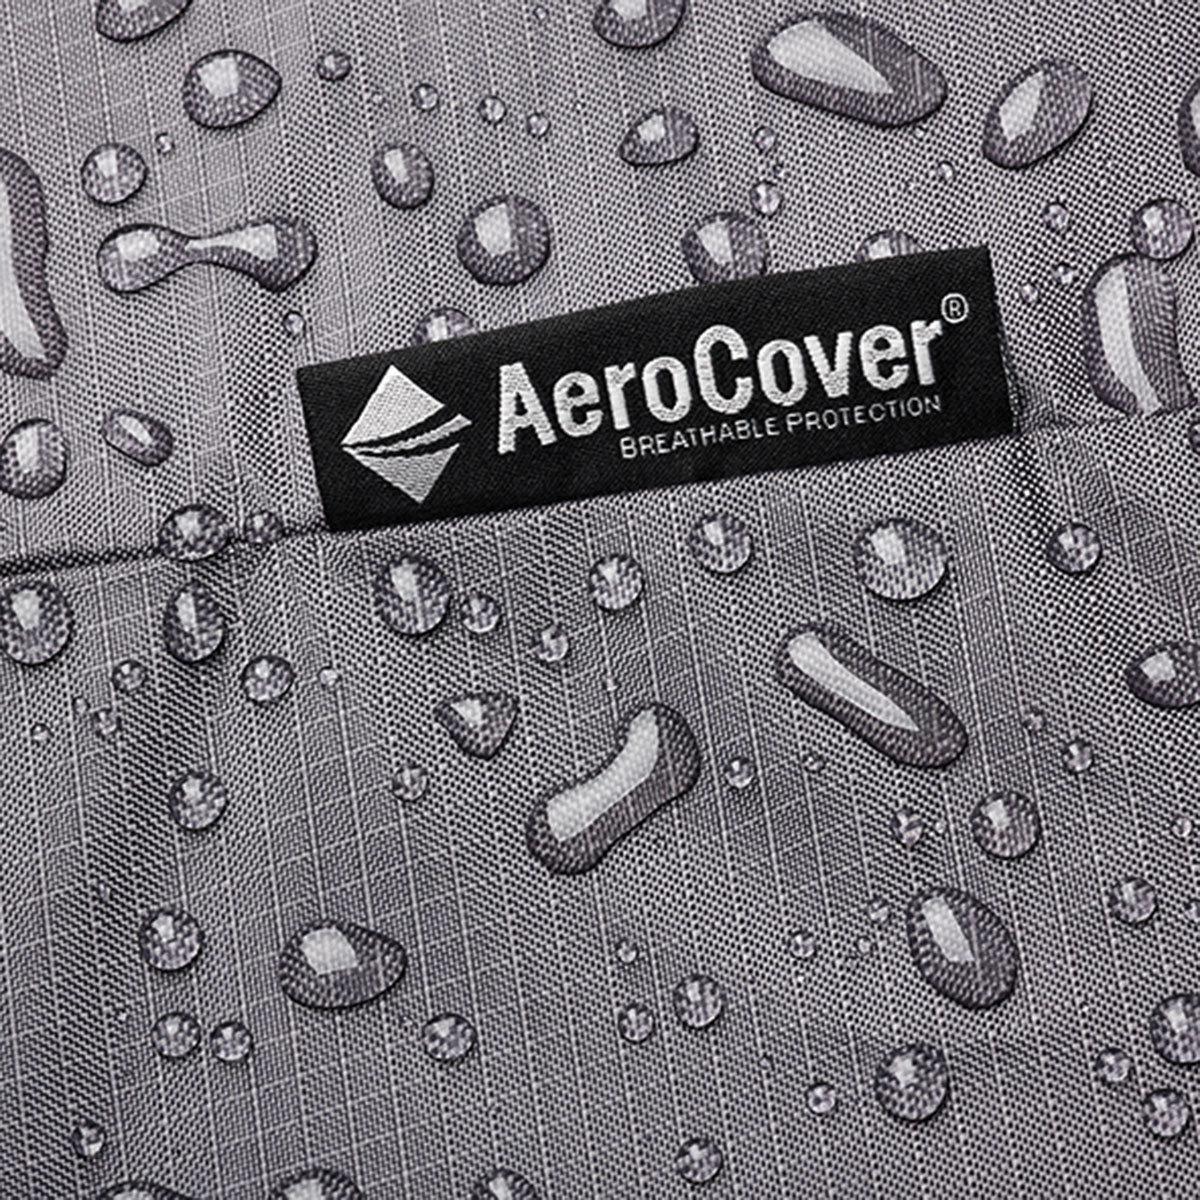 Schutzhülle AeroCover für Liegen, 210x75x40 cm | #4